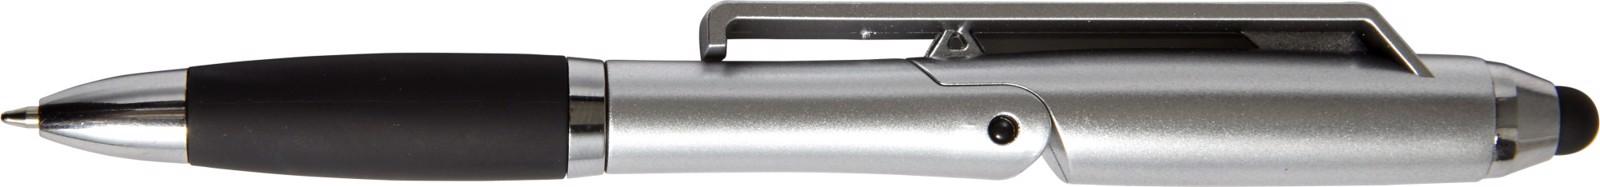 ABS 2-in-1 ballpen - Silver